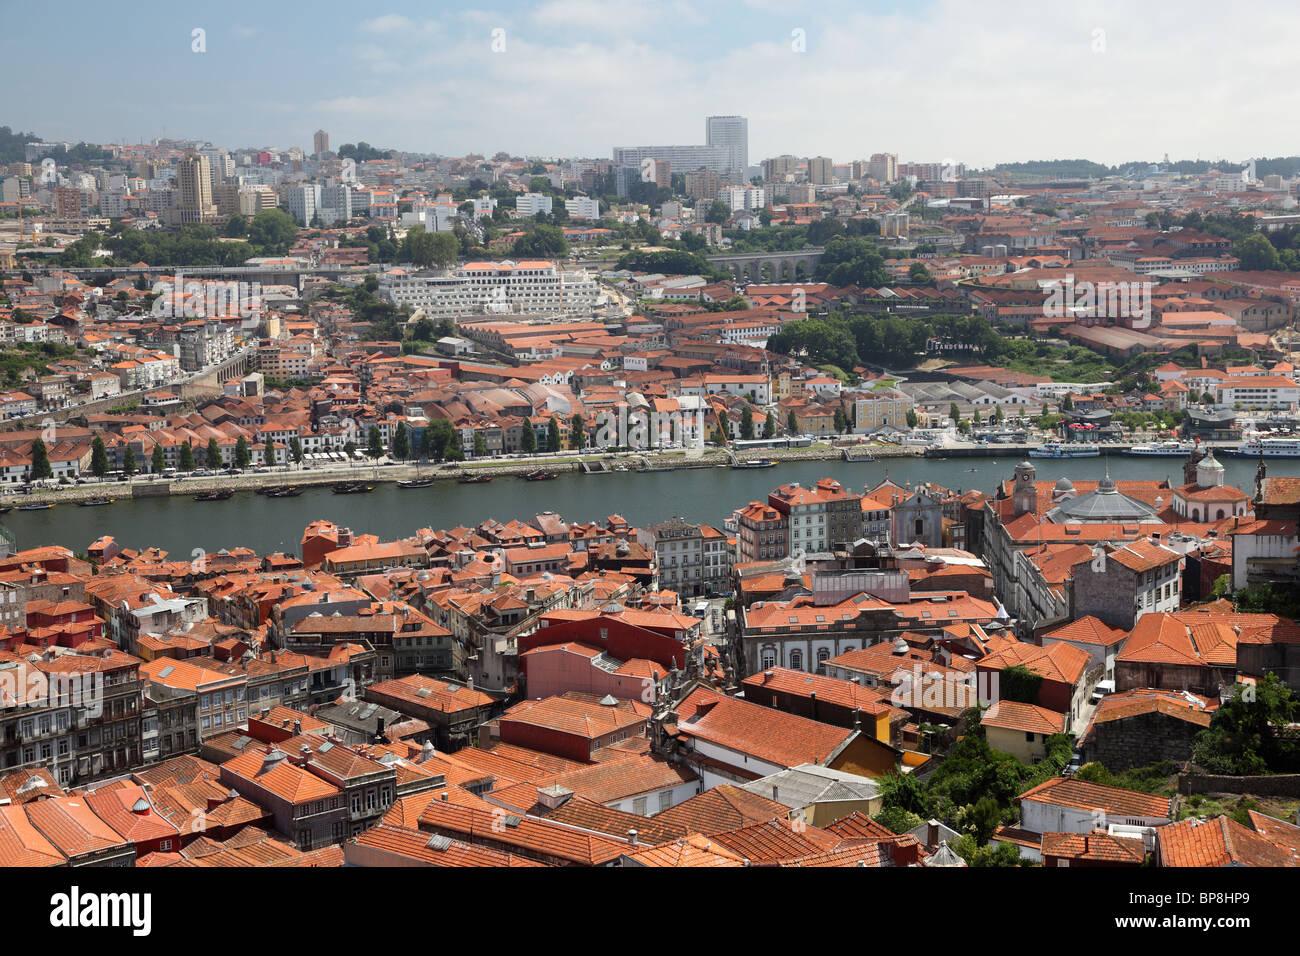 View over Porto and Vila Nova de Gaia, Portugal - Stock Image